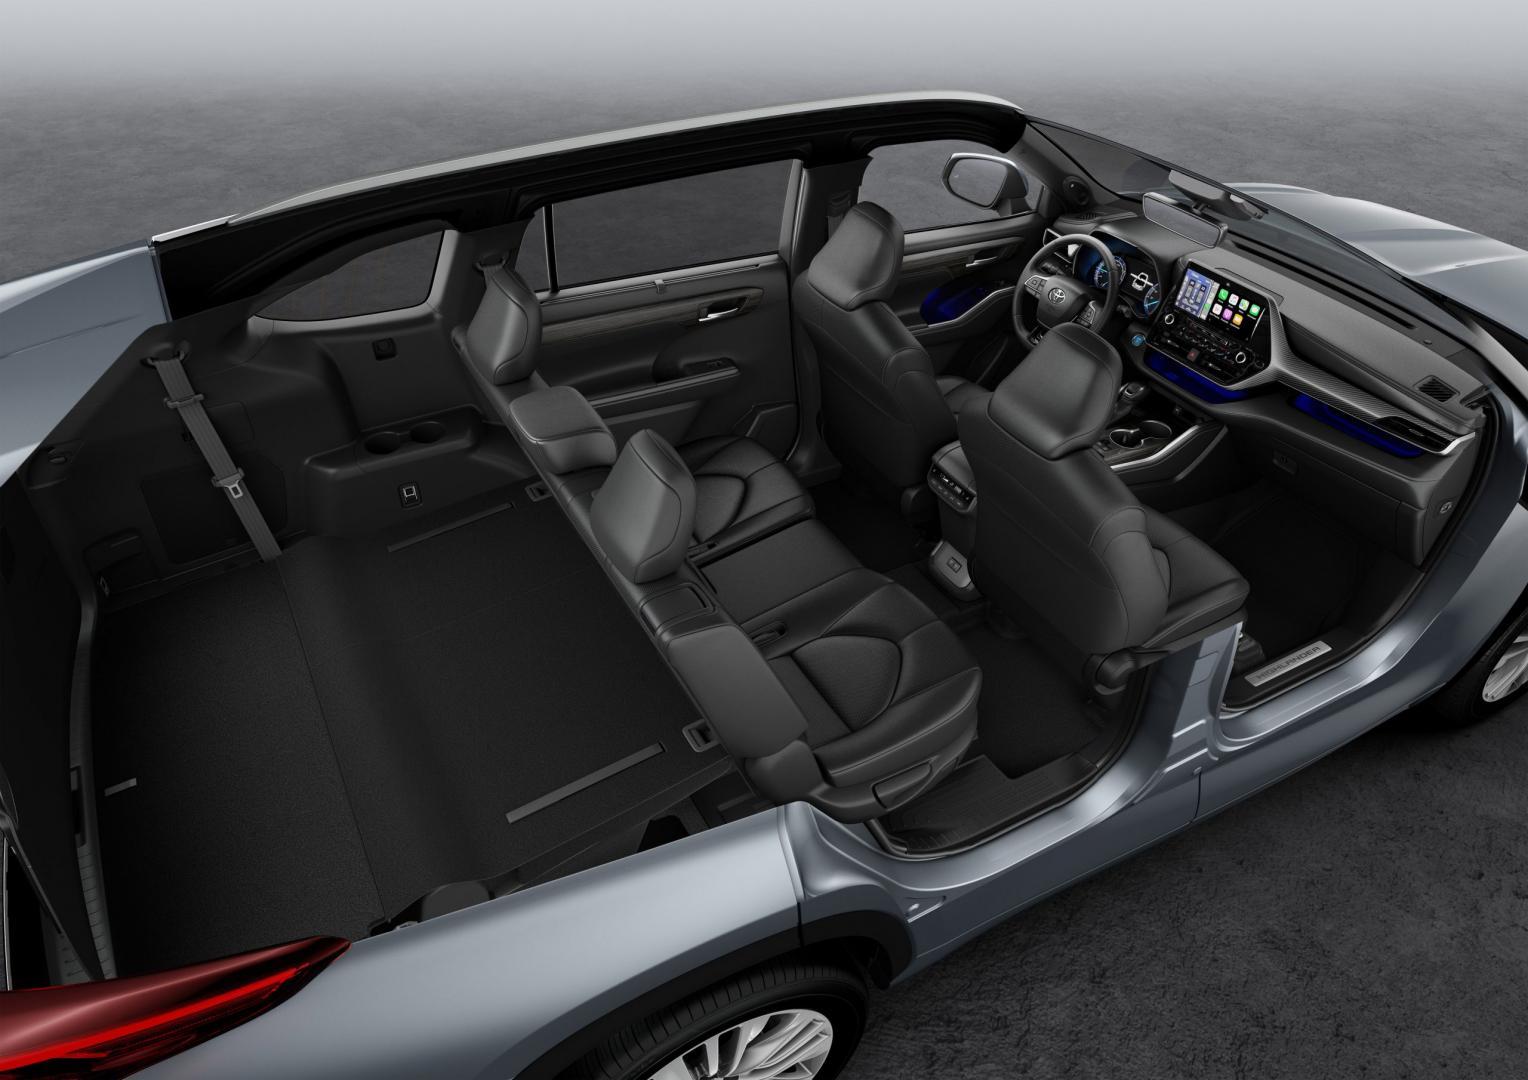 Interieur Toyota Highlander met zeven zitplaatsen